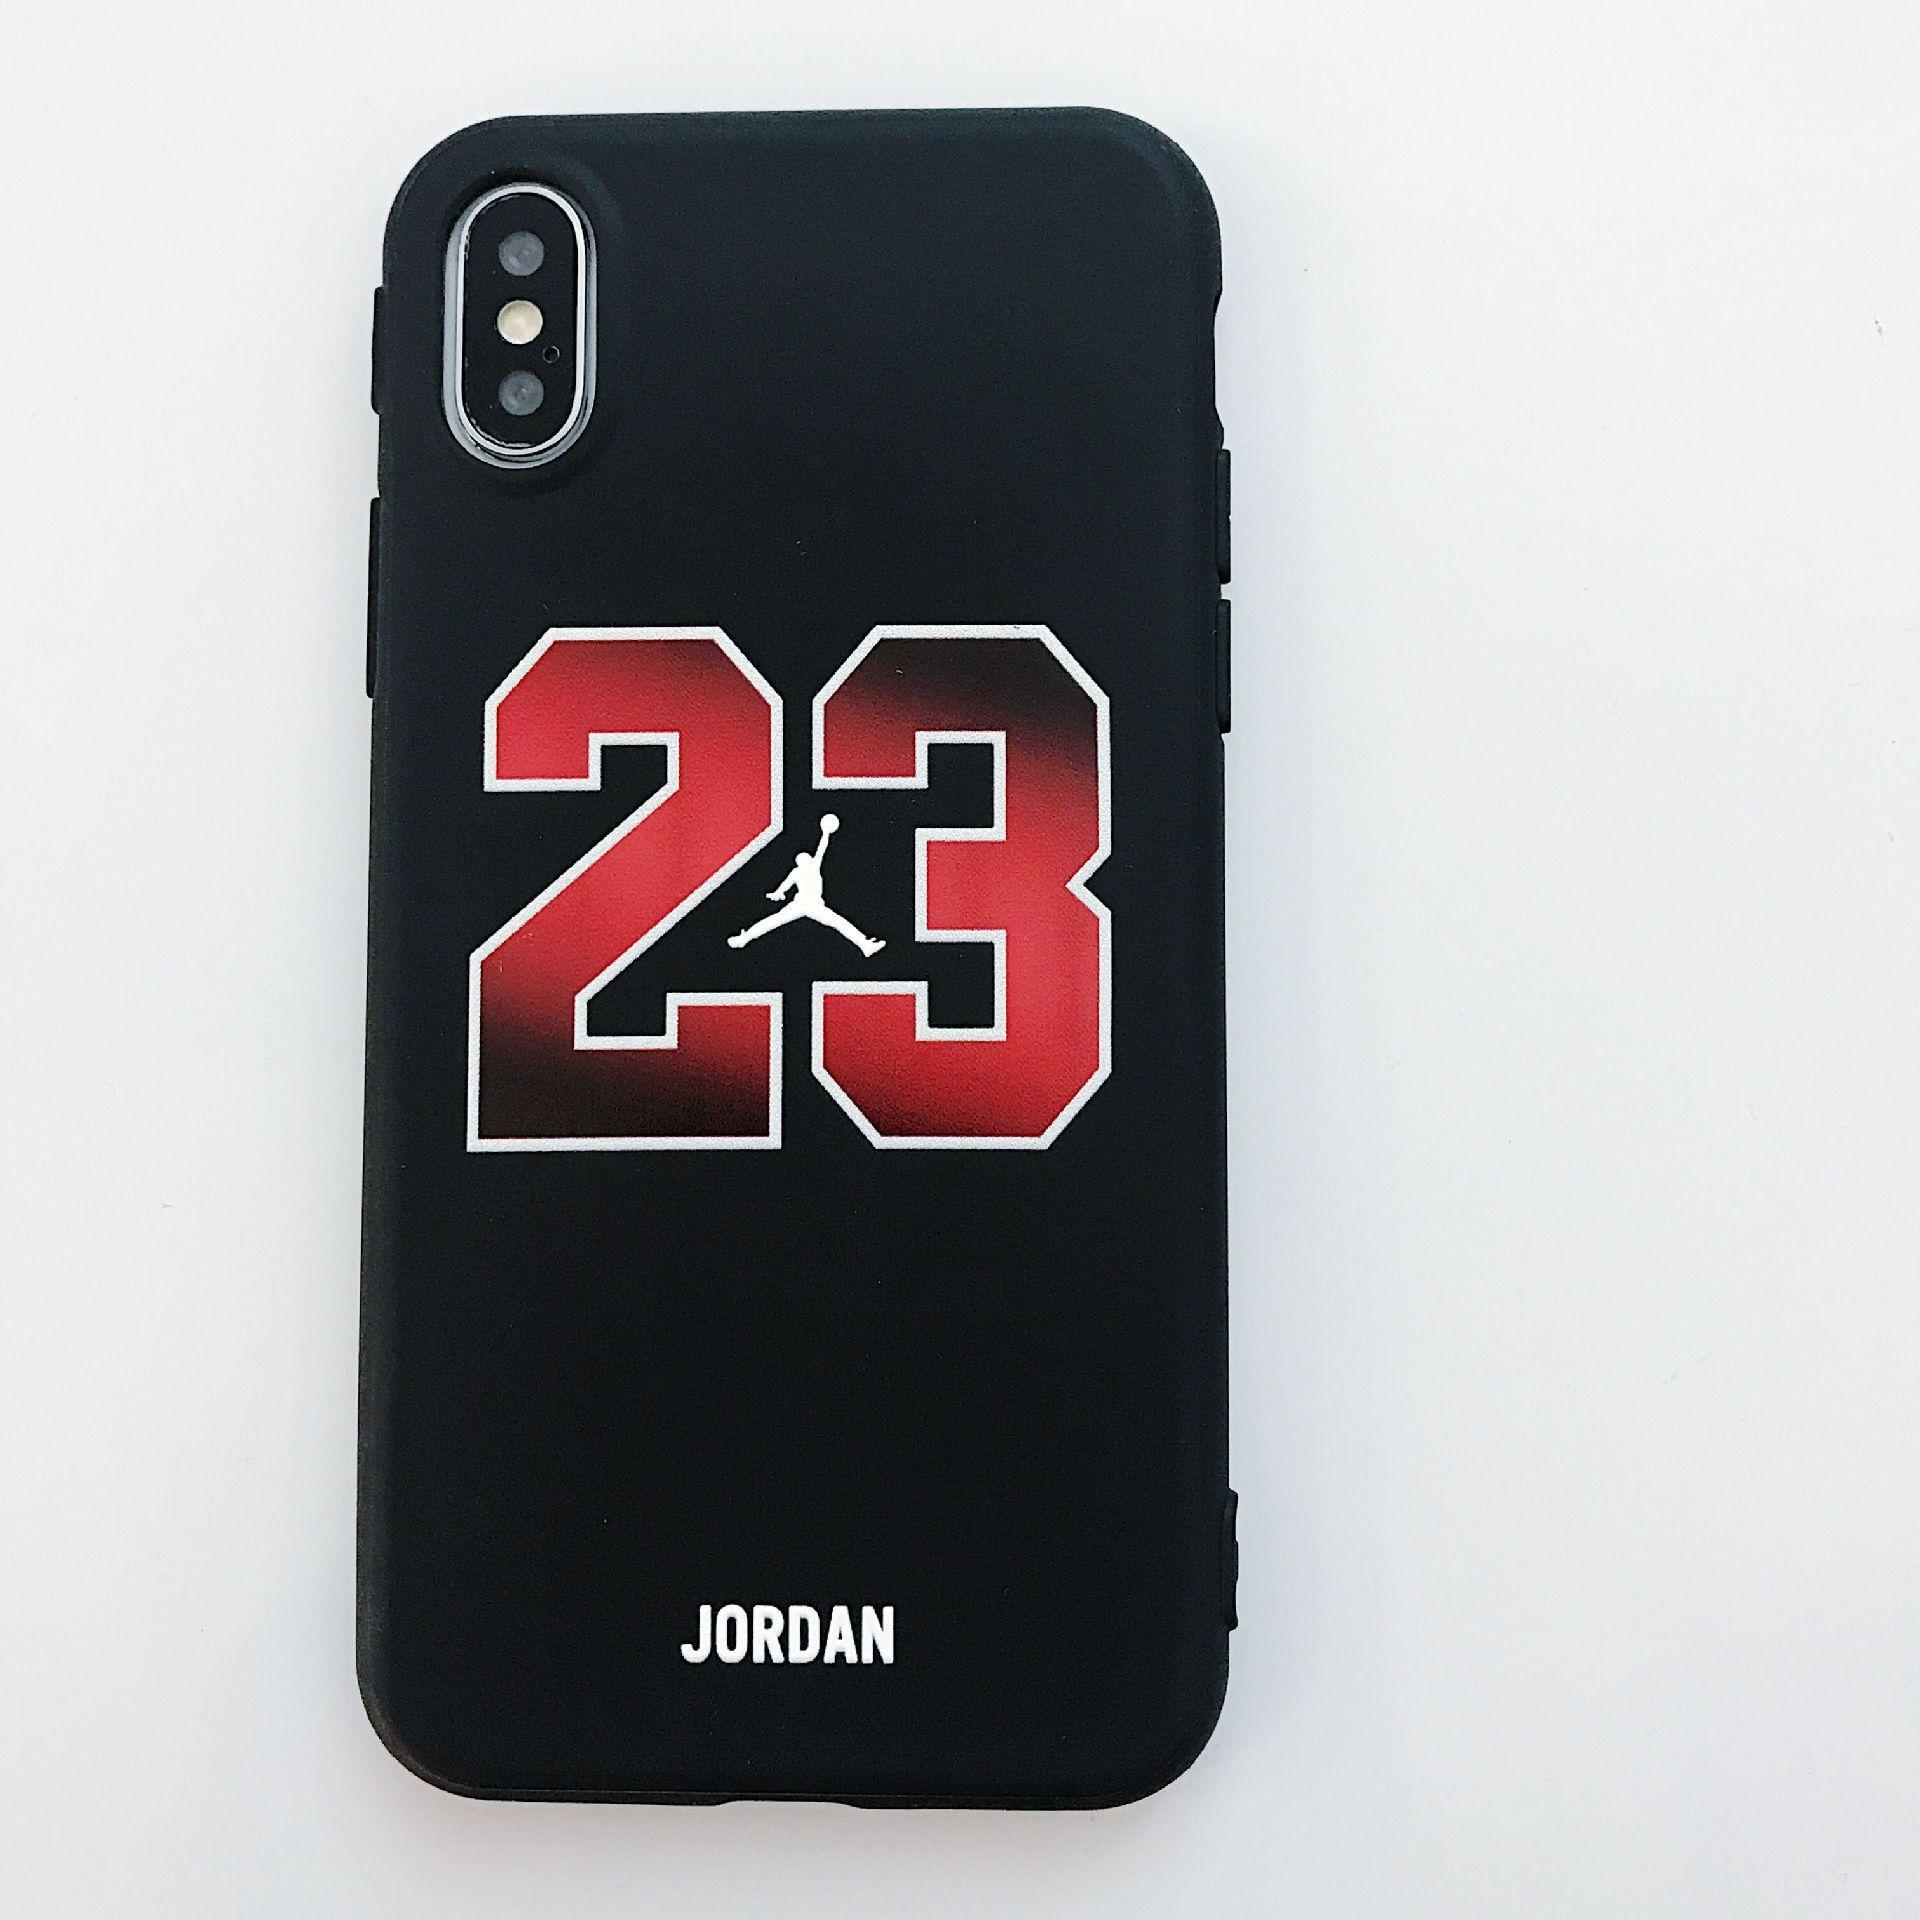 2018 jersey designer phone case for iphone x 6 6s 6plus 7 8 7plus